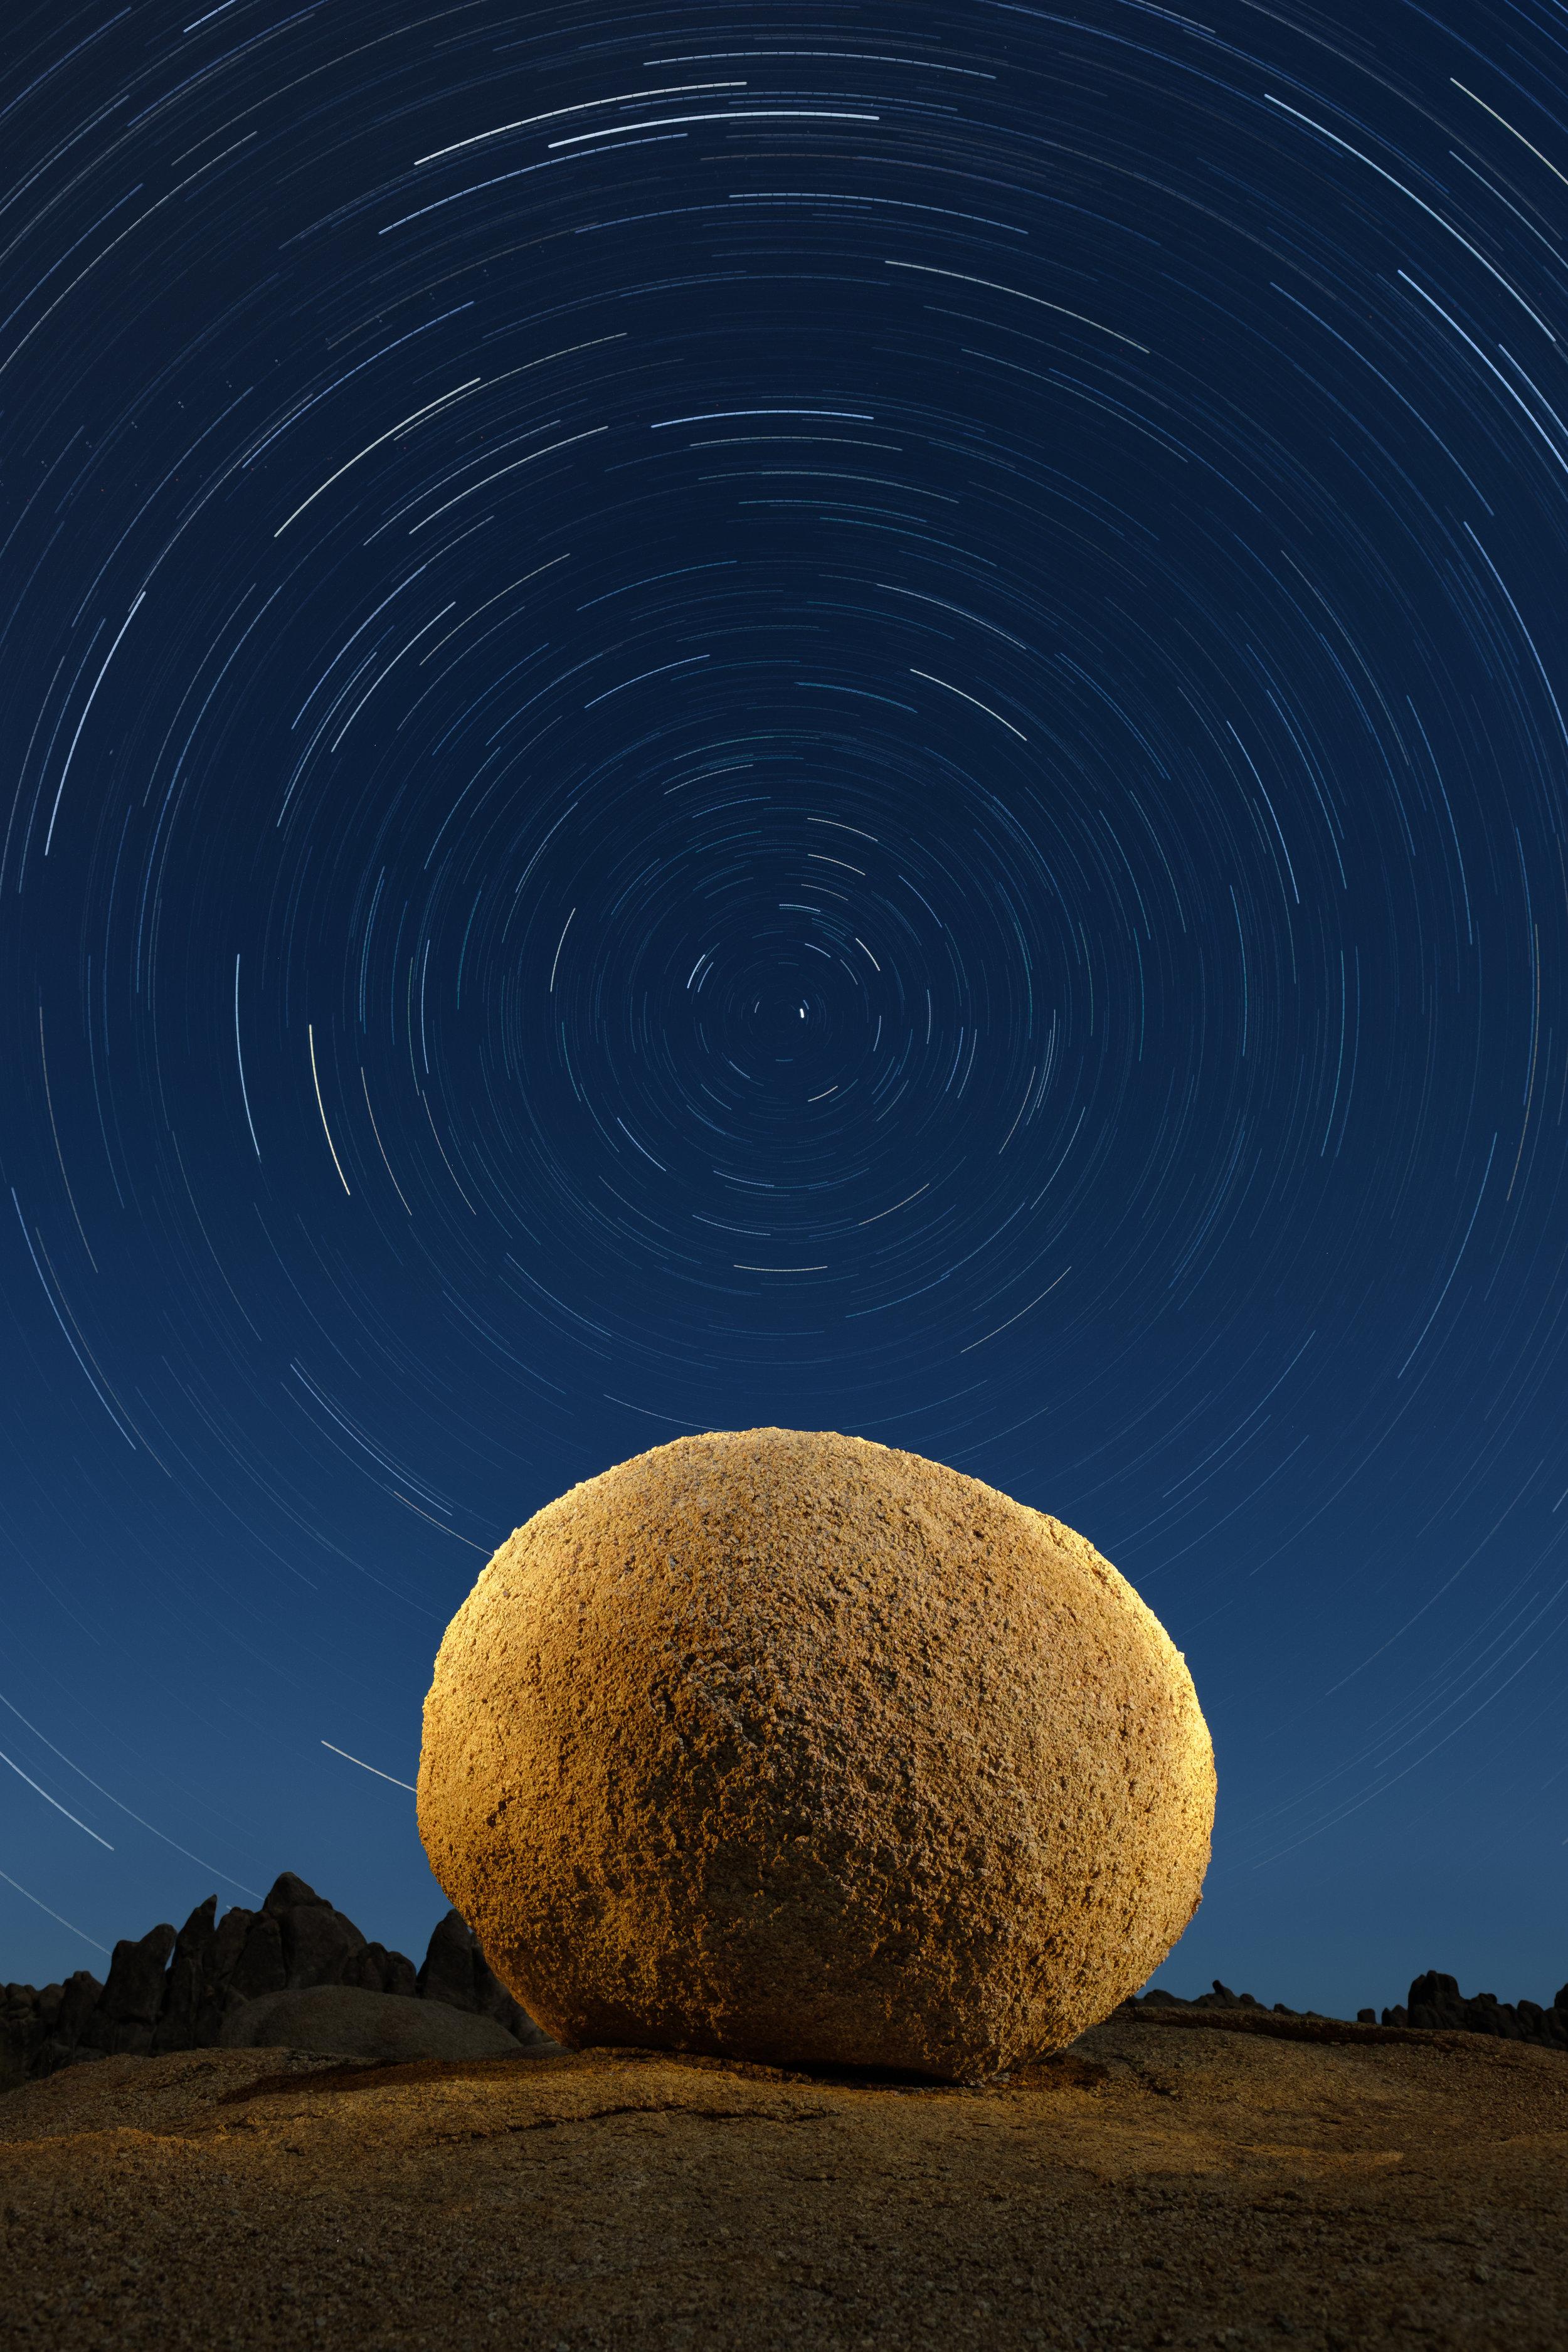 Alabama Hills, California. Fuji X-T2, 16mm f/1.4 lens. 23 exposures at 4 minutes, f/5.6, ISO 100.